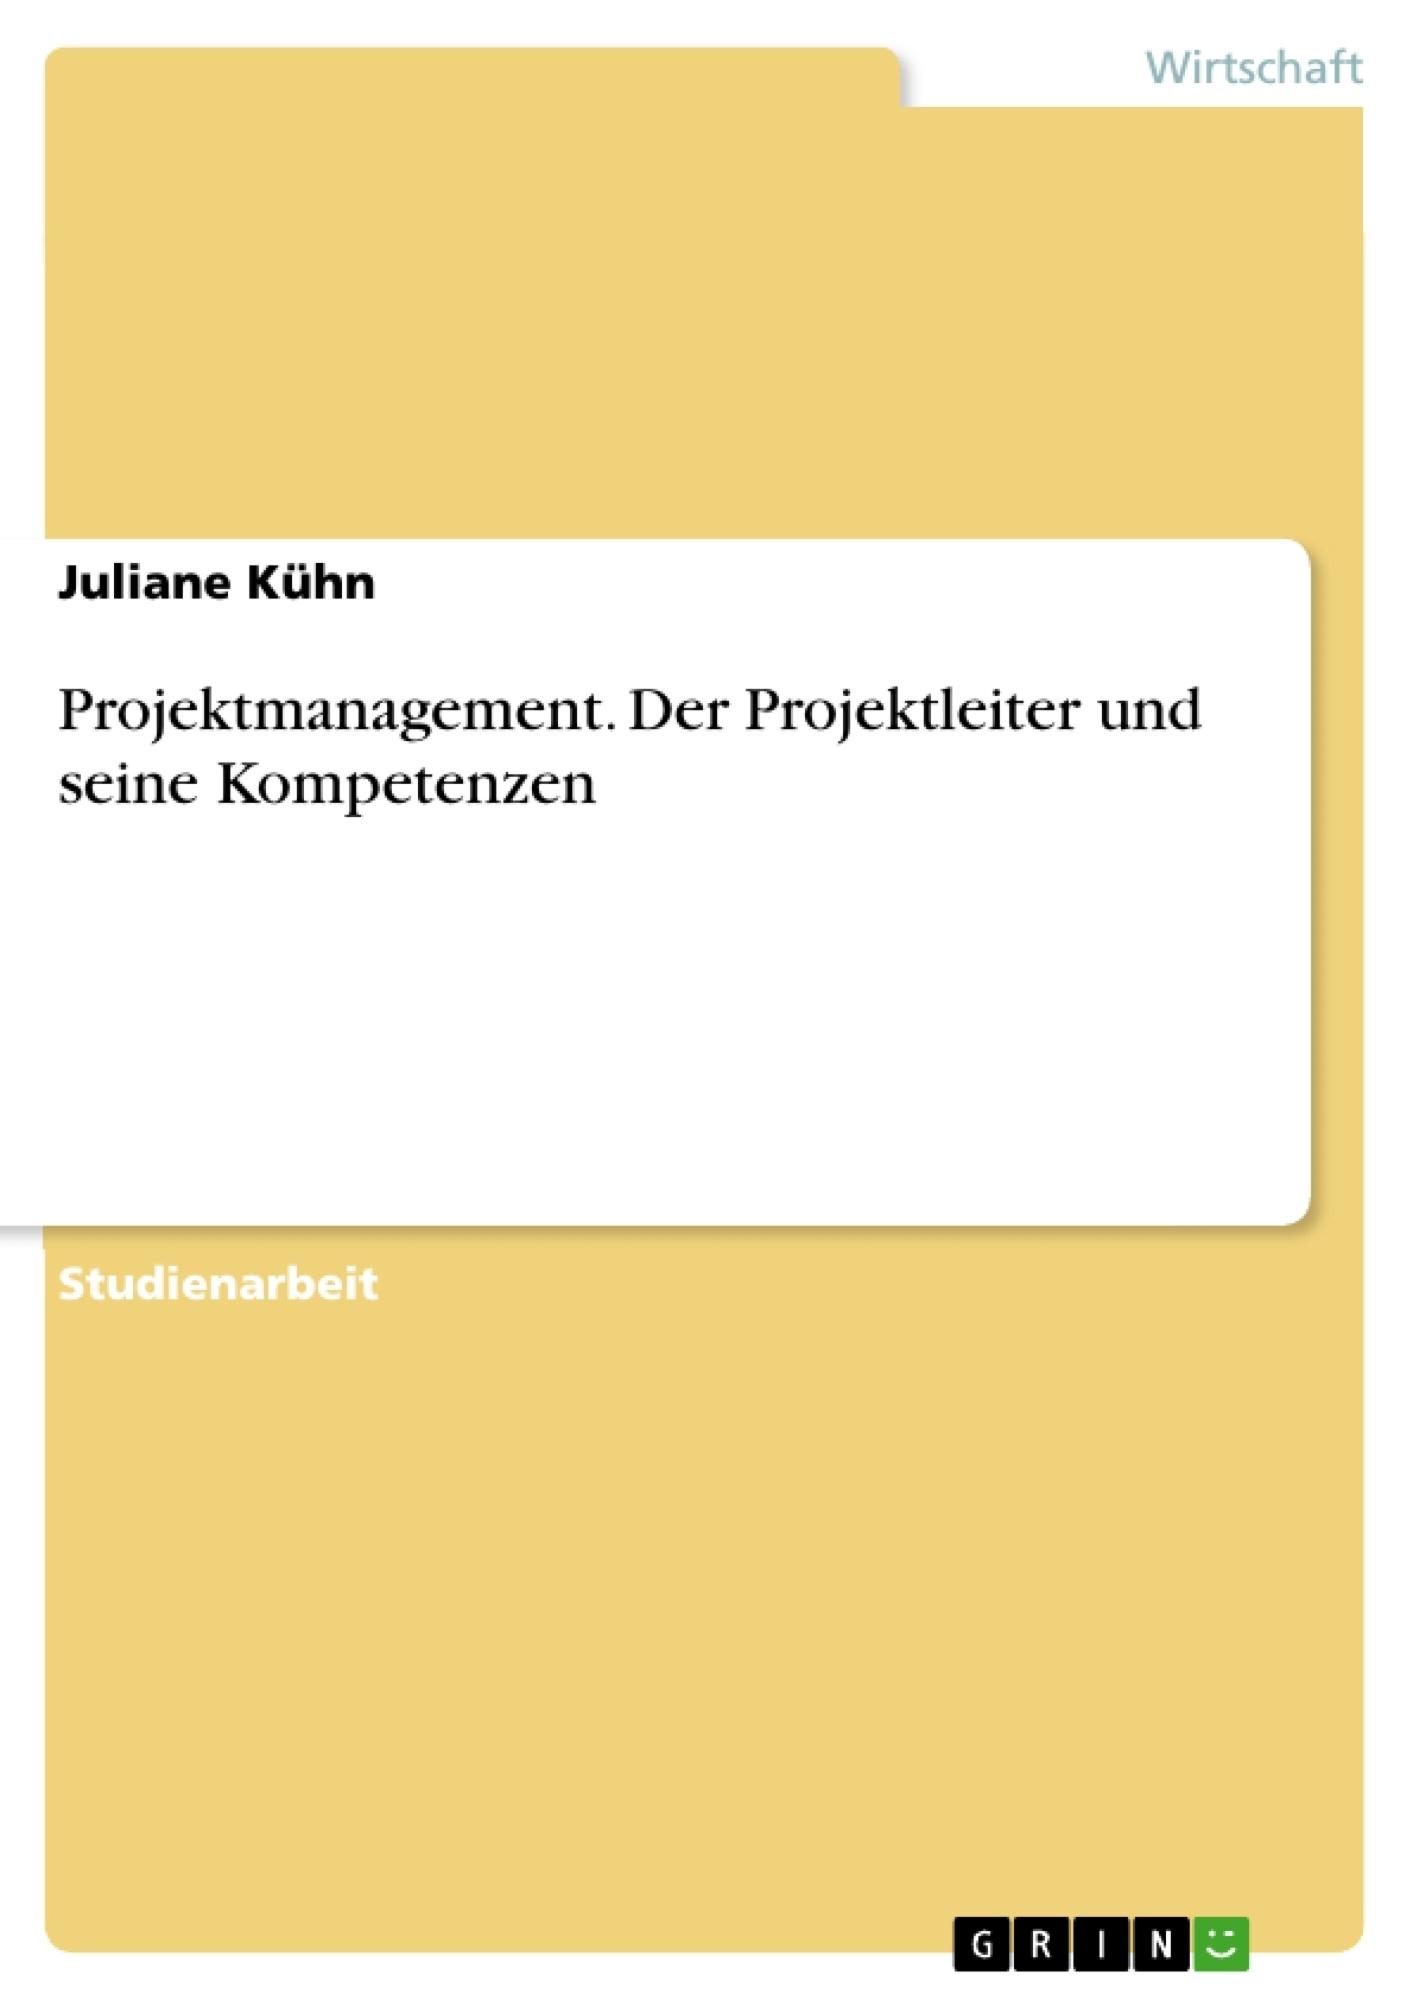 Titel: Projektmanagement. Der Projektleiter und seine Kompetenzen